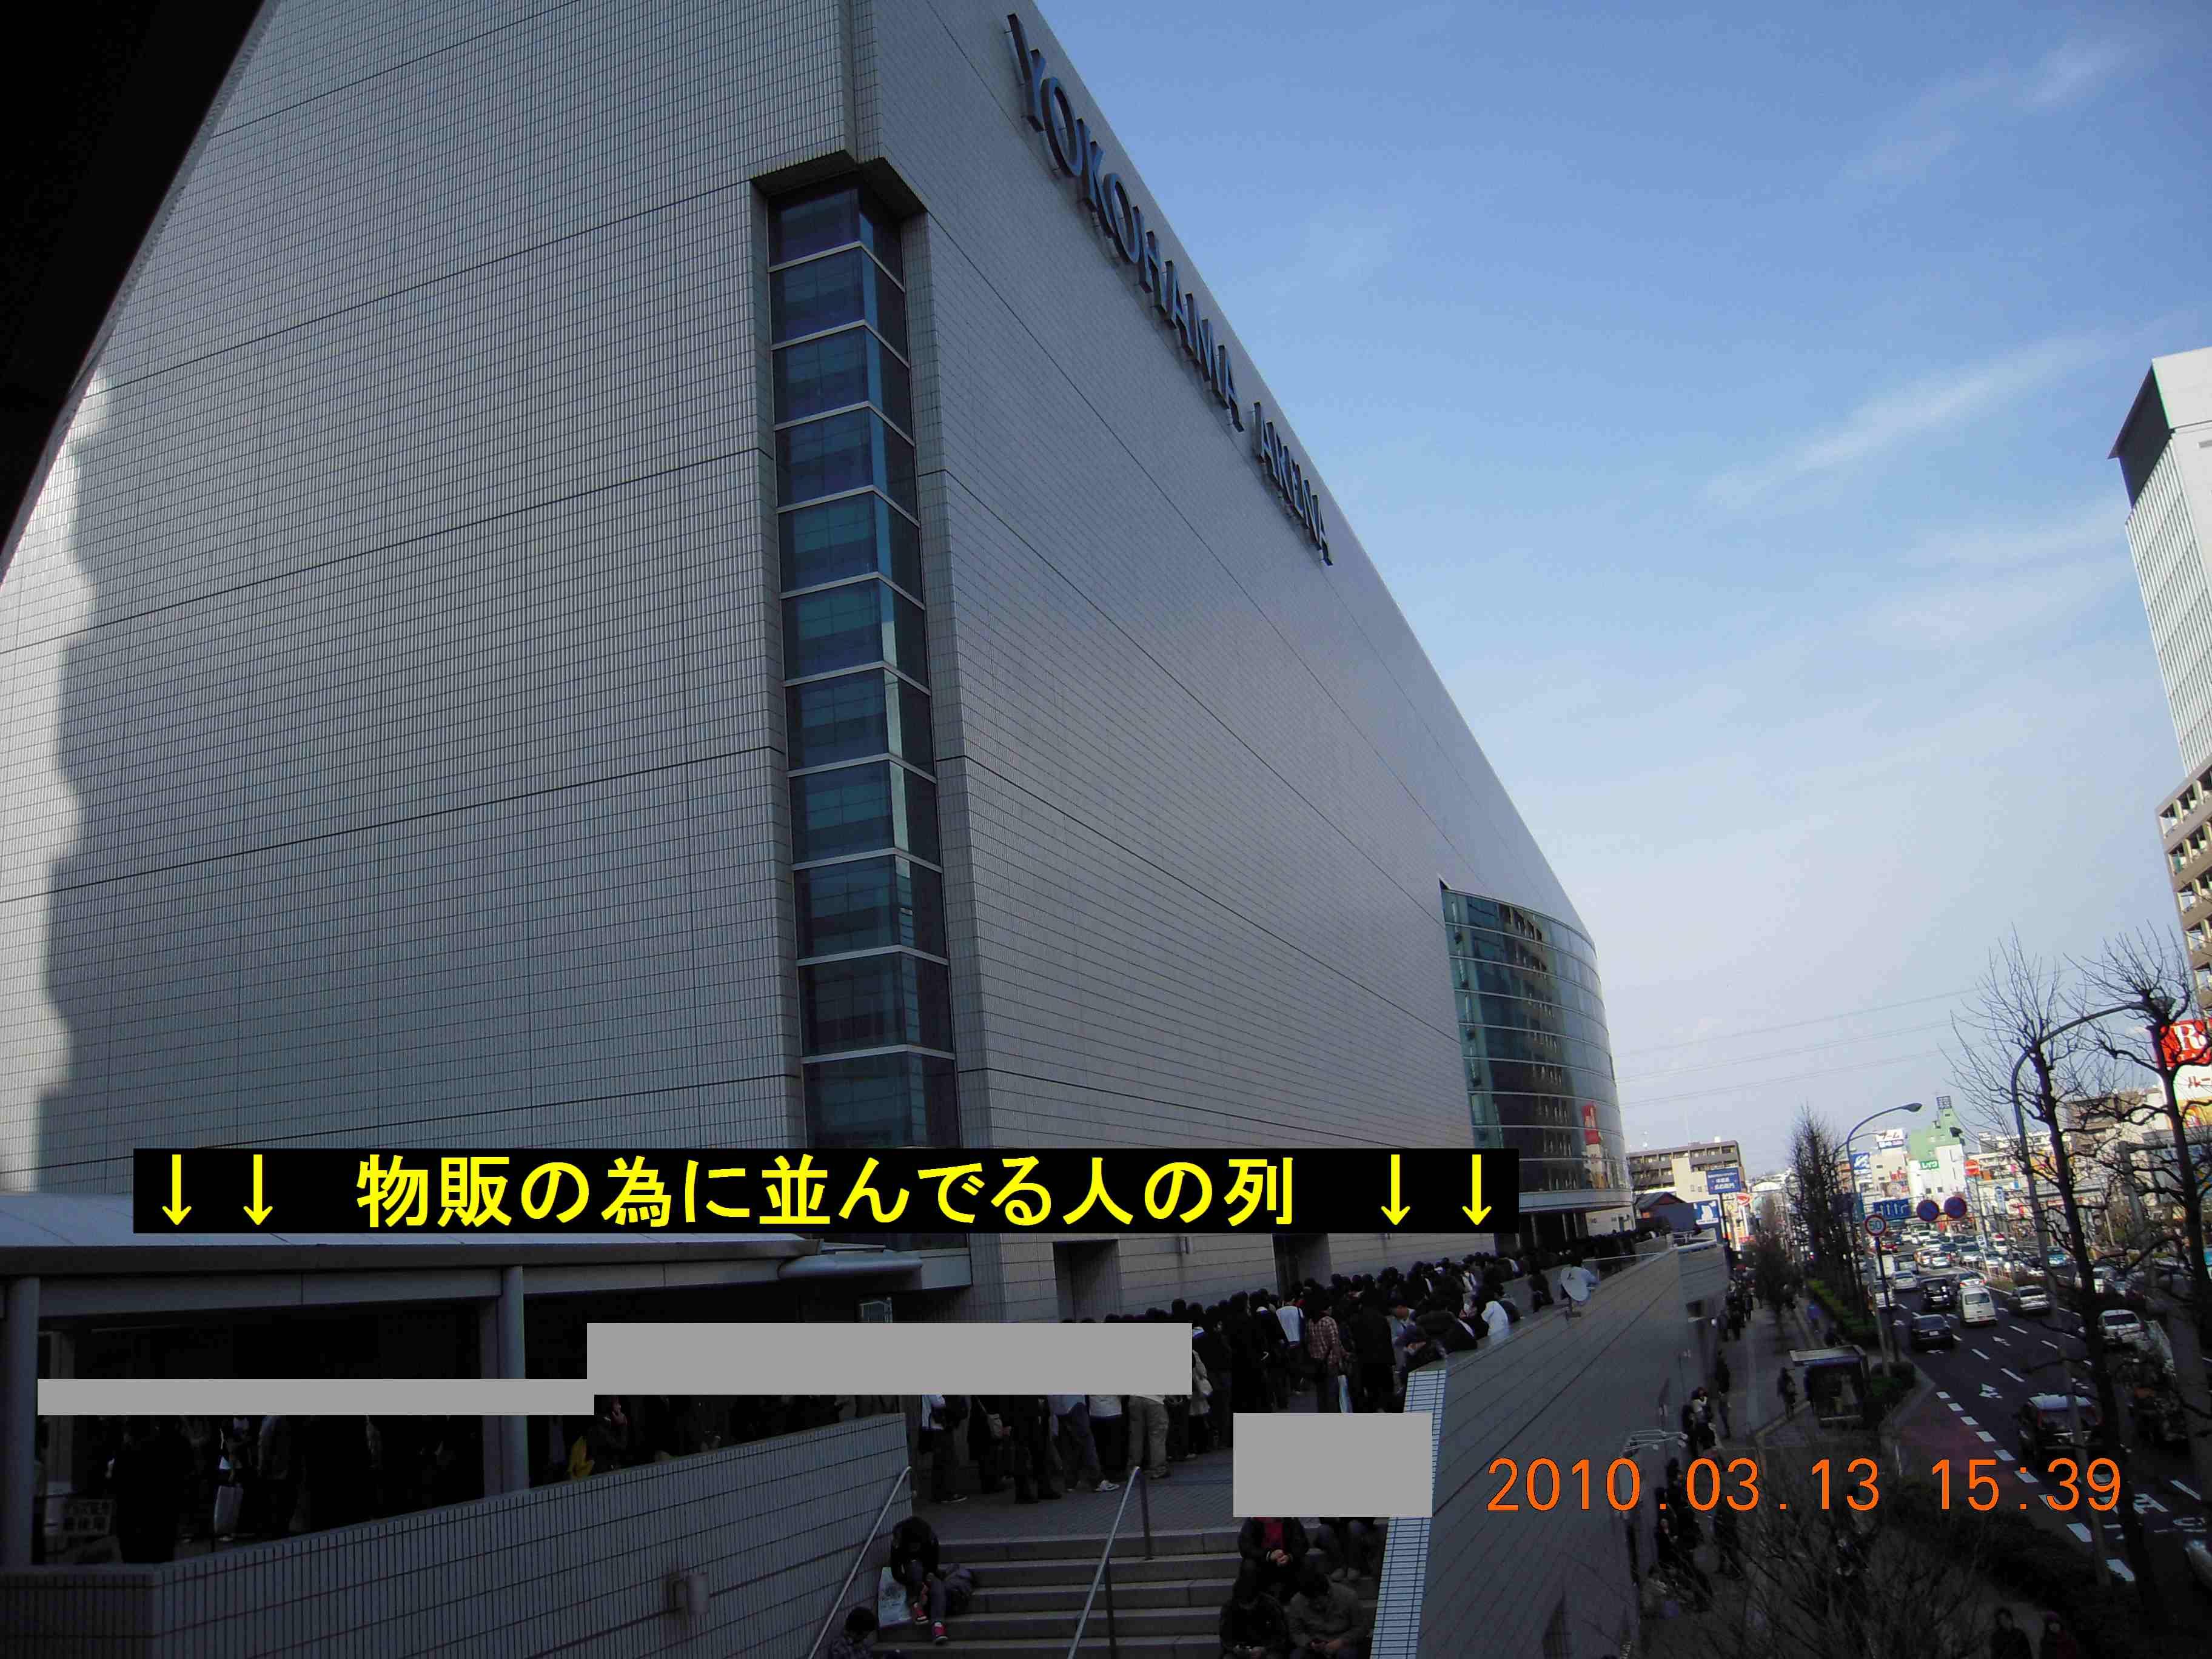 【ライブ】水樹奈々Live Academy 2010